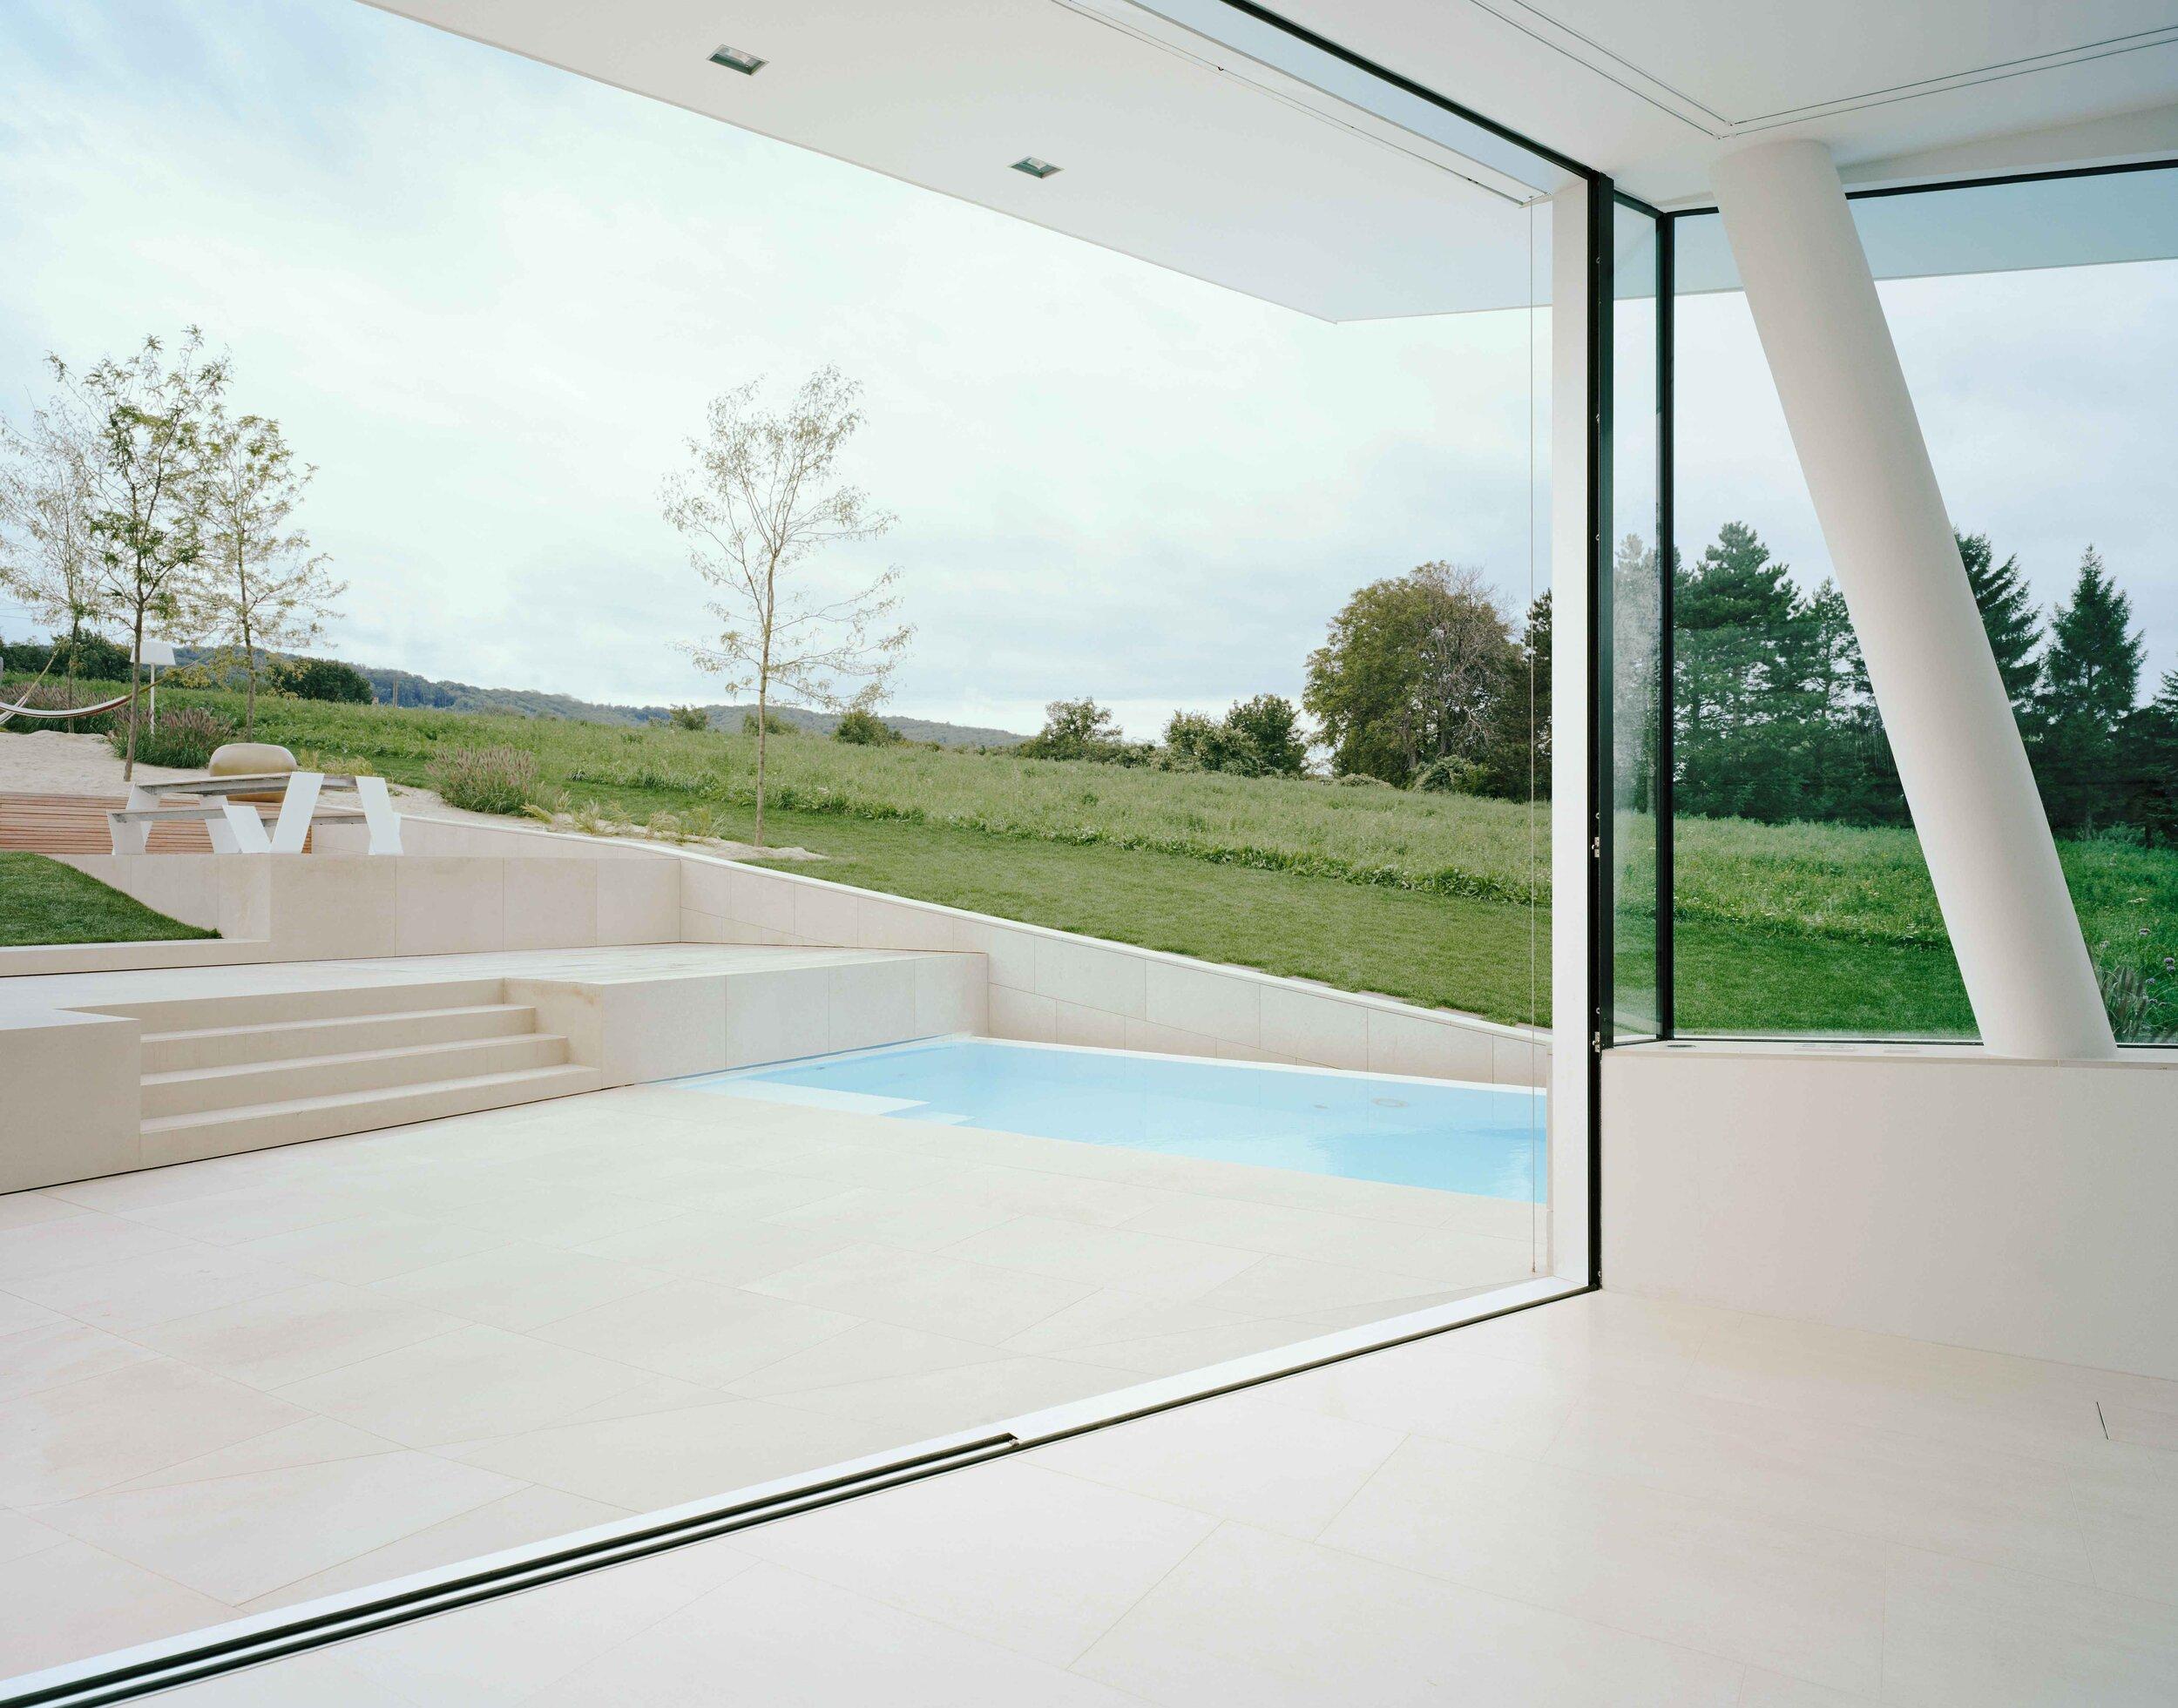 Design feeds about house Freundorf -